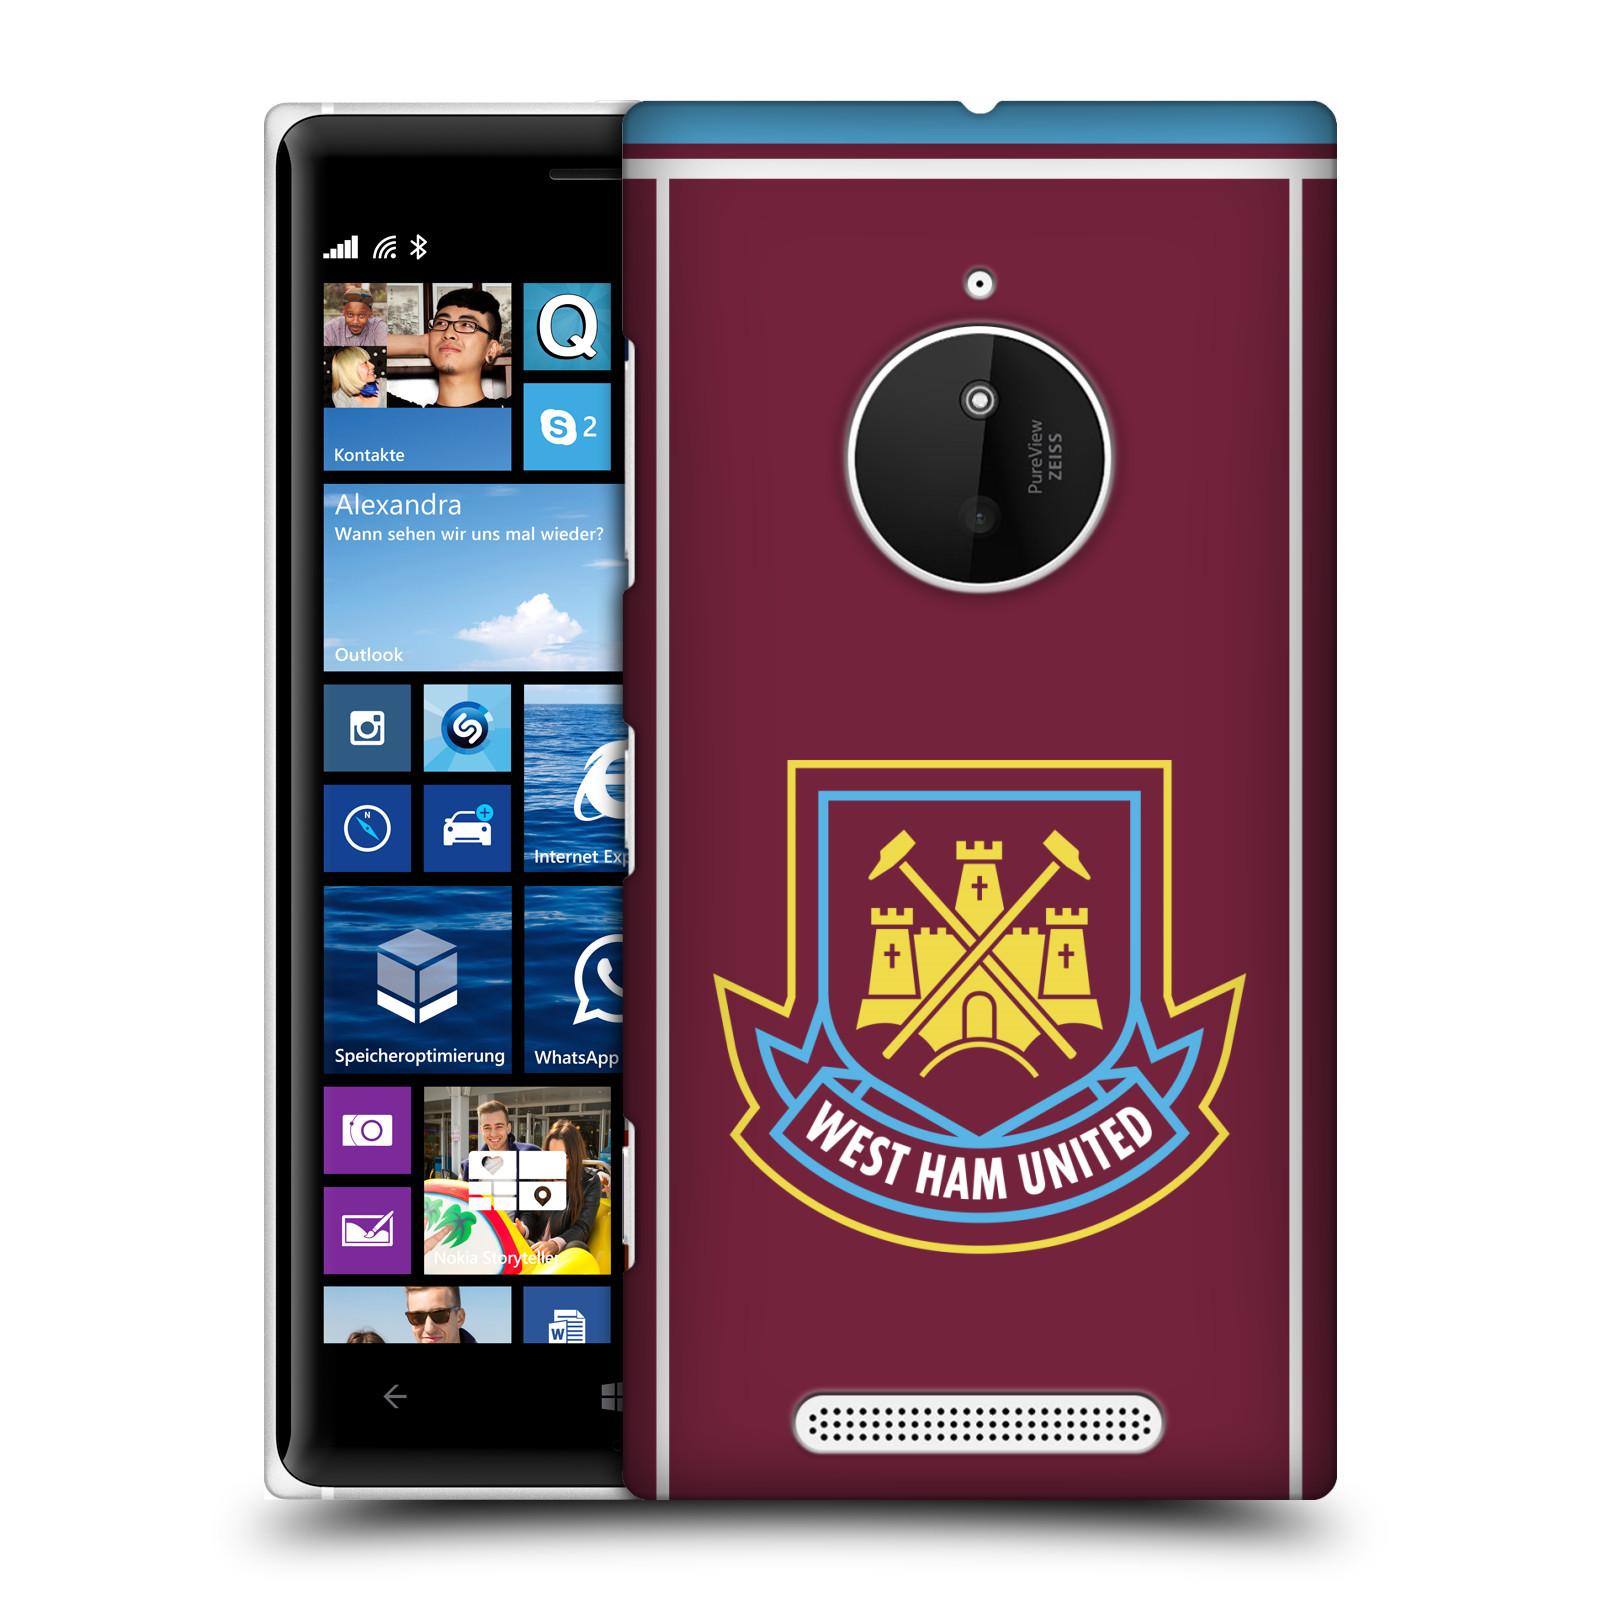 Plastové pouzdro na mobil Nokia Lumia 830 - Head Case - West Ham United - Retro znak (Plastový kryt či obal na mobilní telefon s motivem West Ham United - Kladiváři - Retro znak pro Nokia Lumia 830)